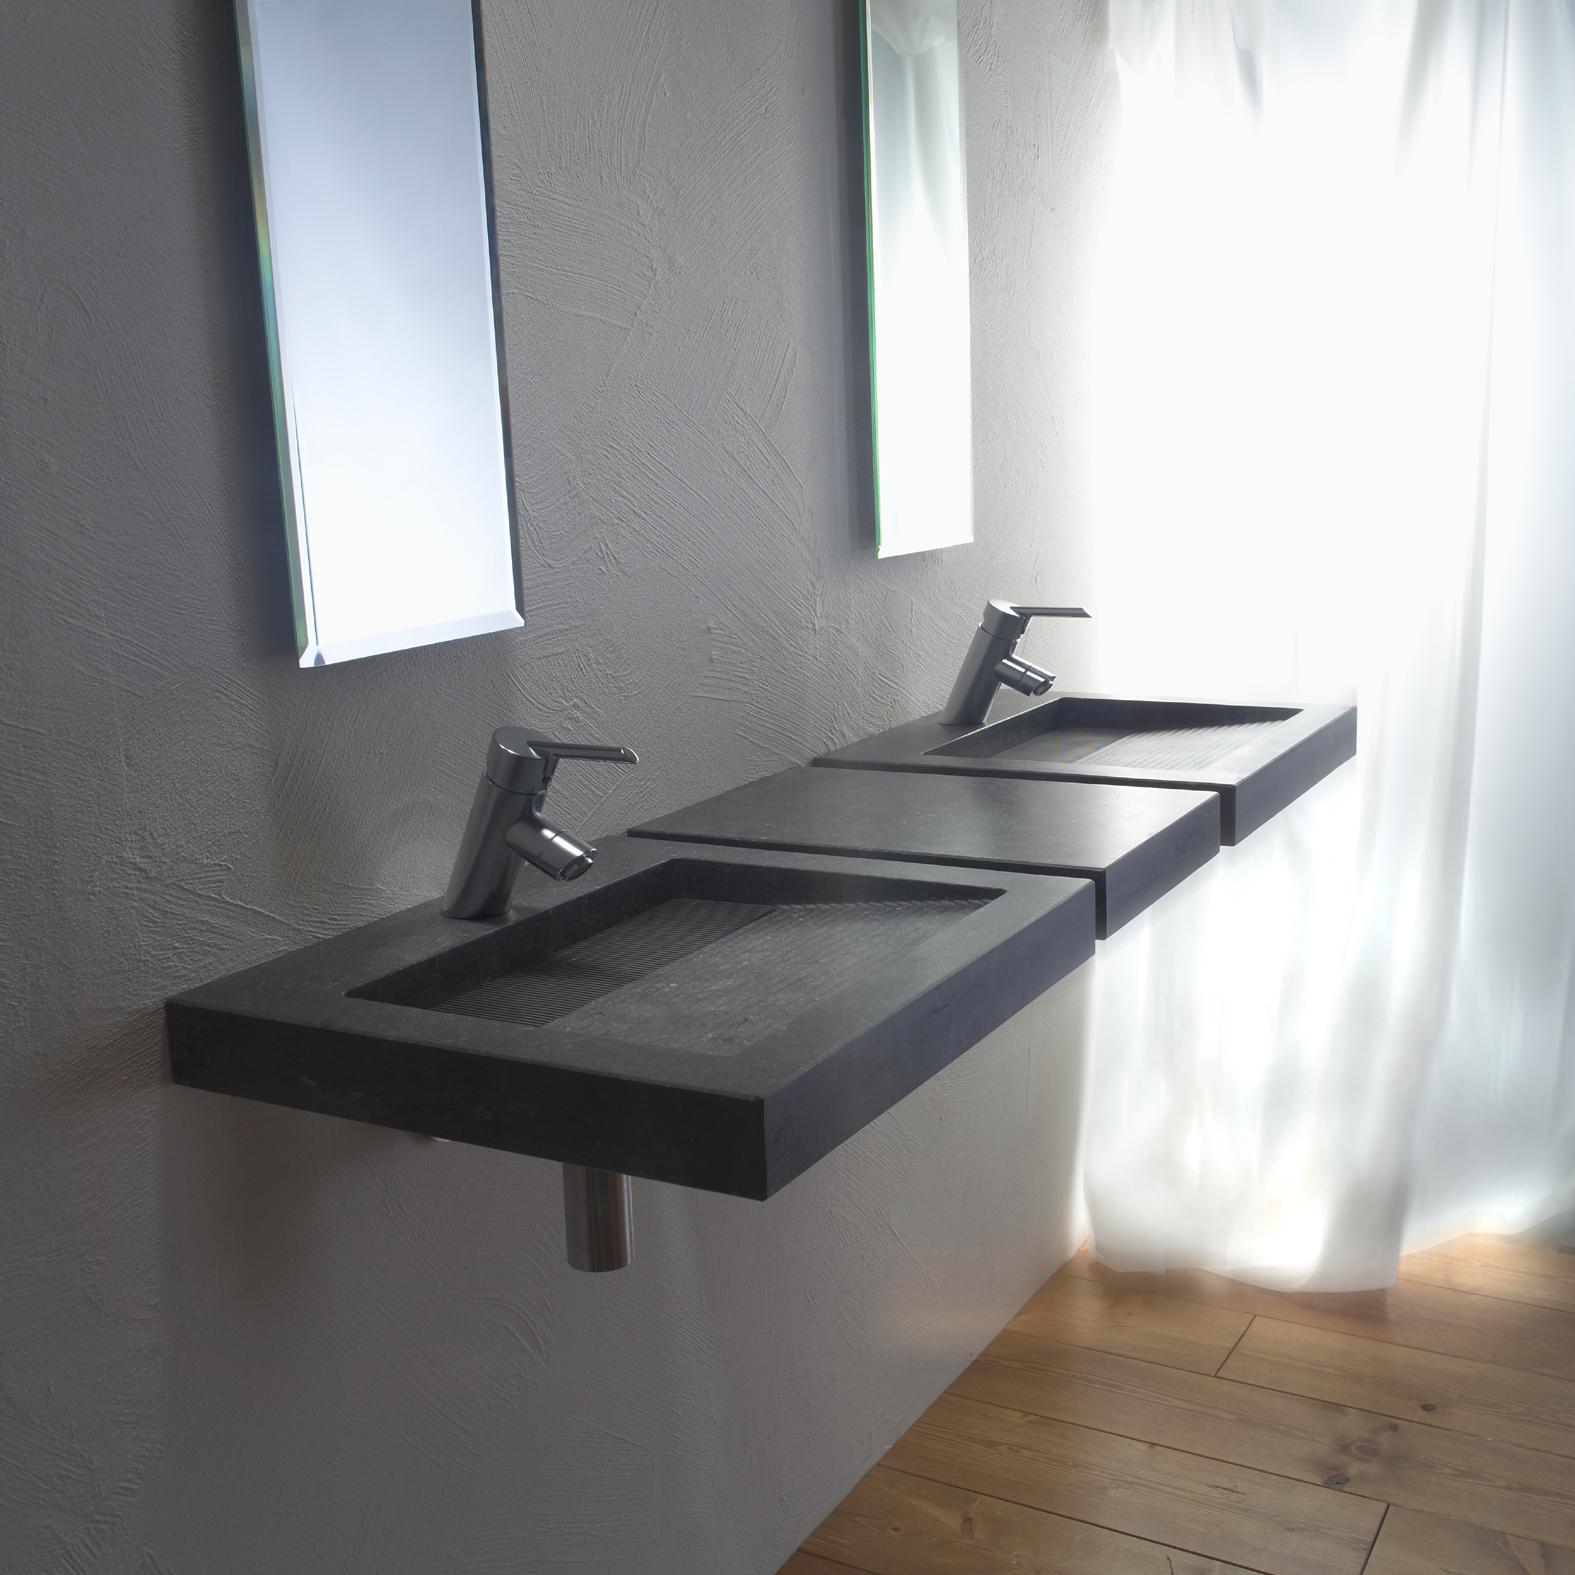 Wastafels waskommen in alle vormen en materialen nieuws startpagina voor badkamer idee n - Badkamer met wastafel ...